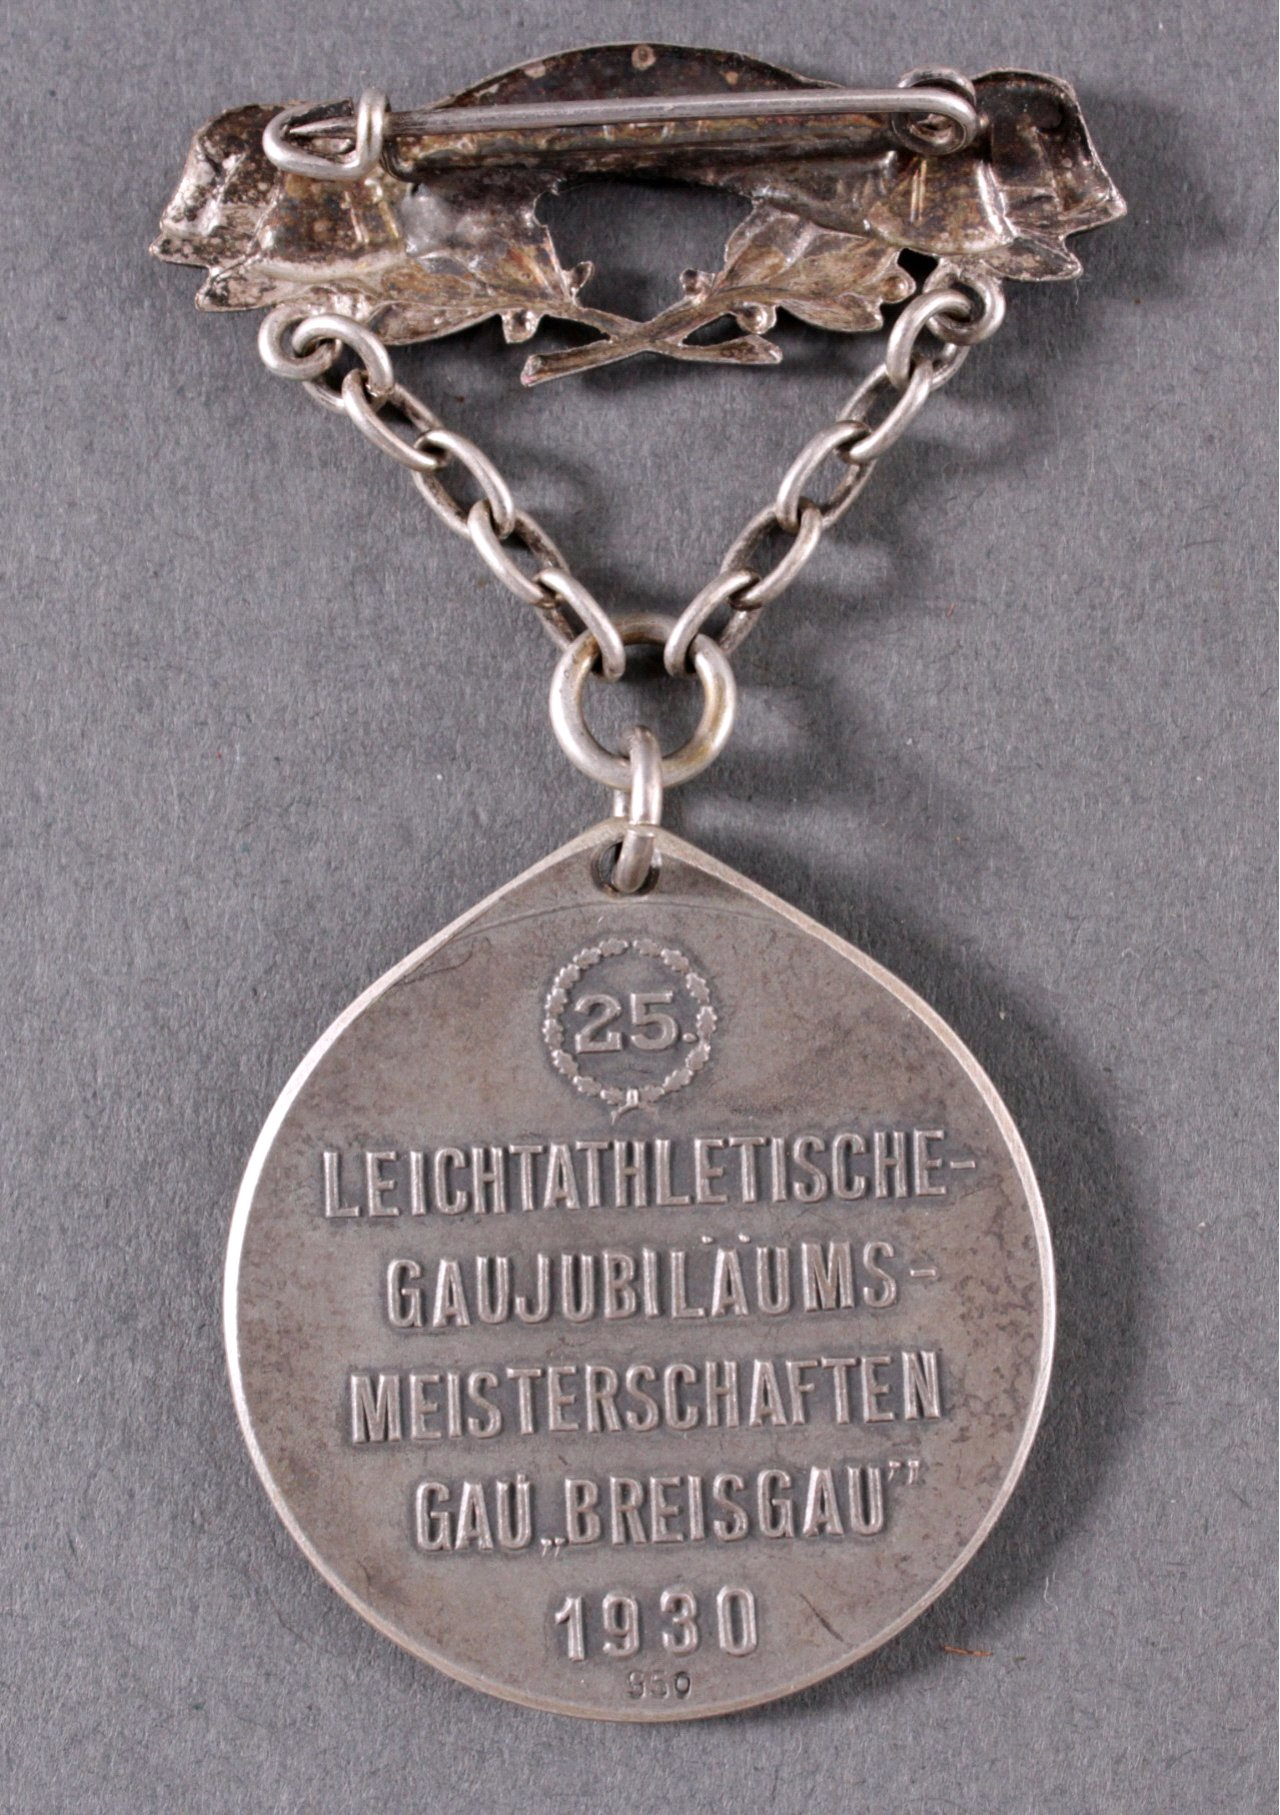 Spange mit Medaille Gaujubiläumsmeisterschaft Breisgau-1